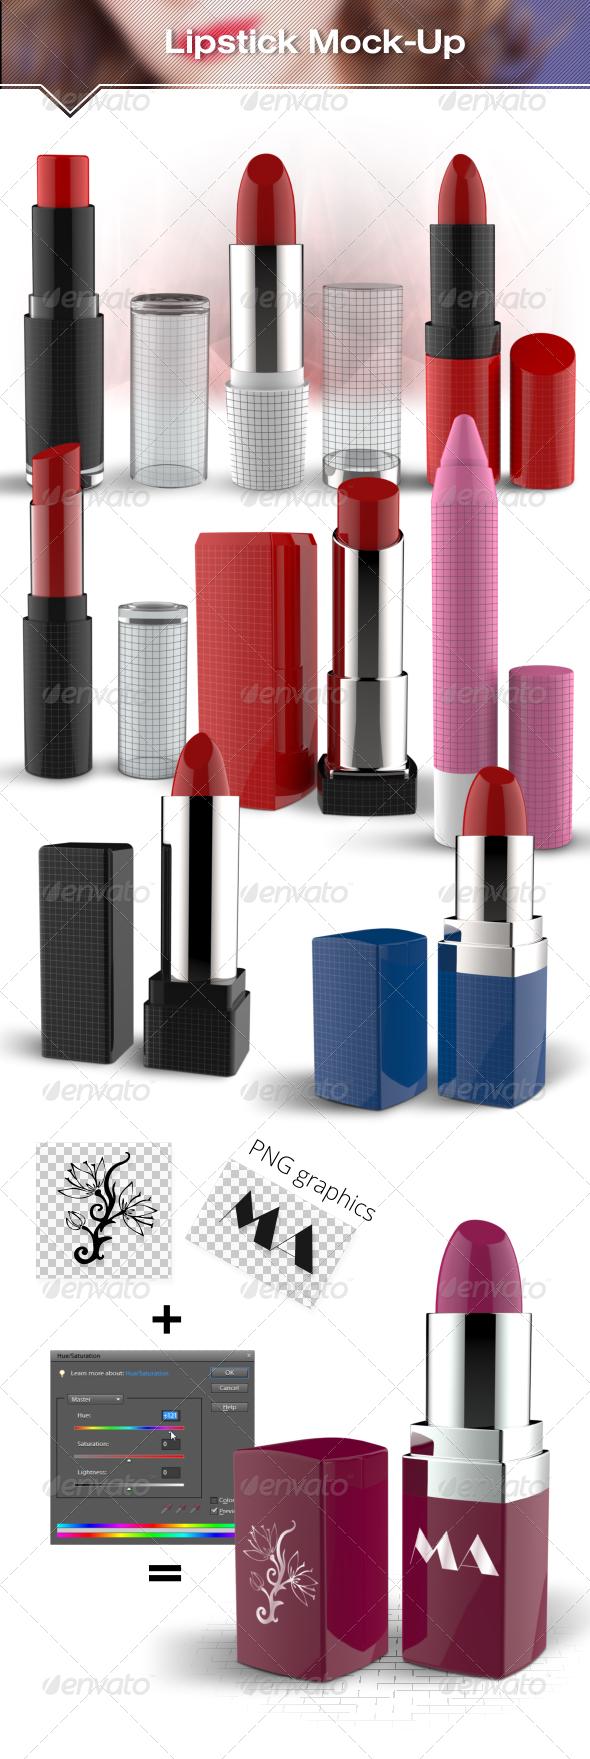 GraphicRiver Lipstick Mockup 7122404